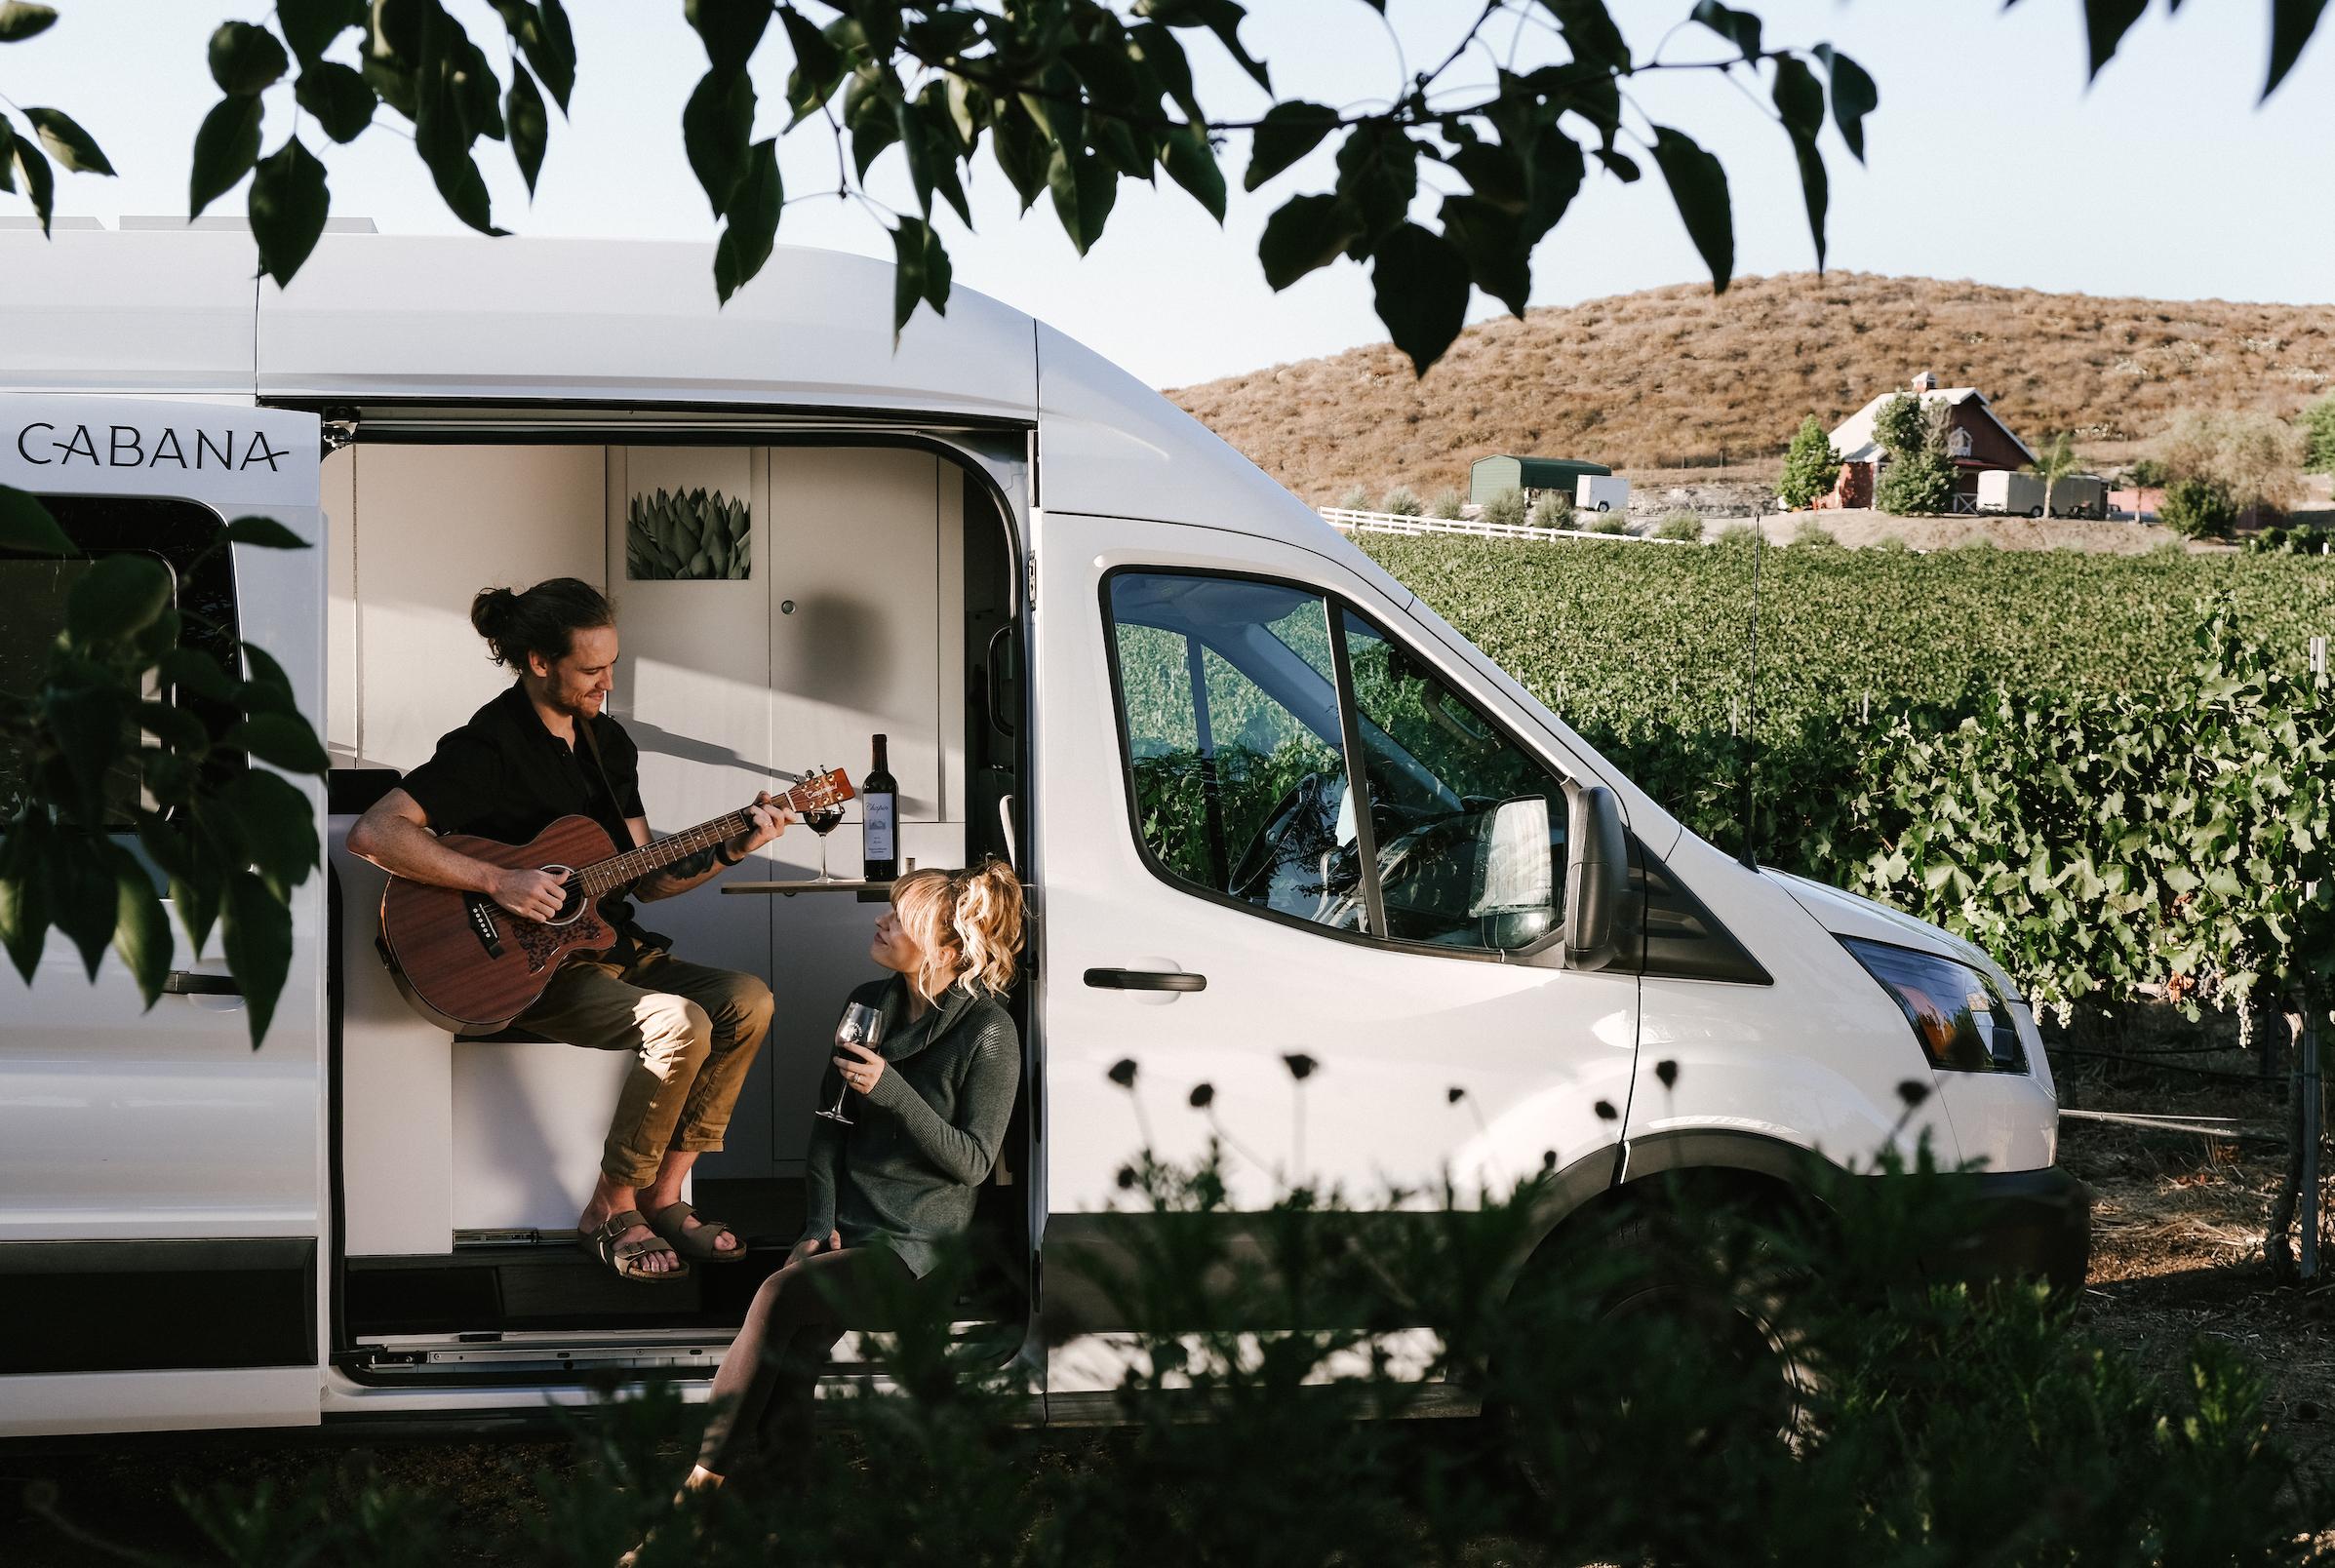 woman looking out of van window